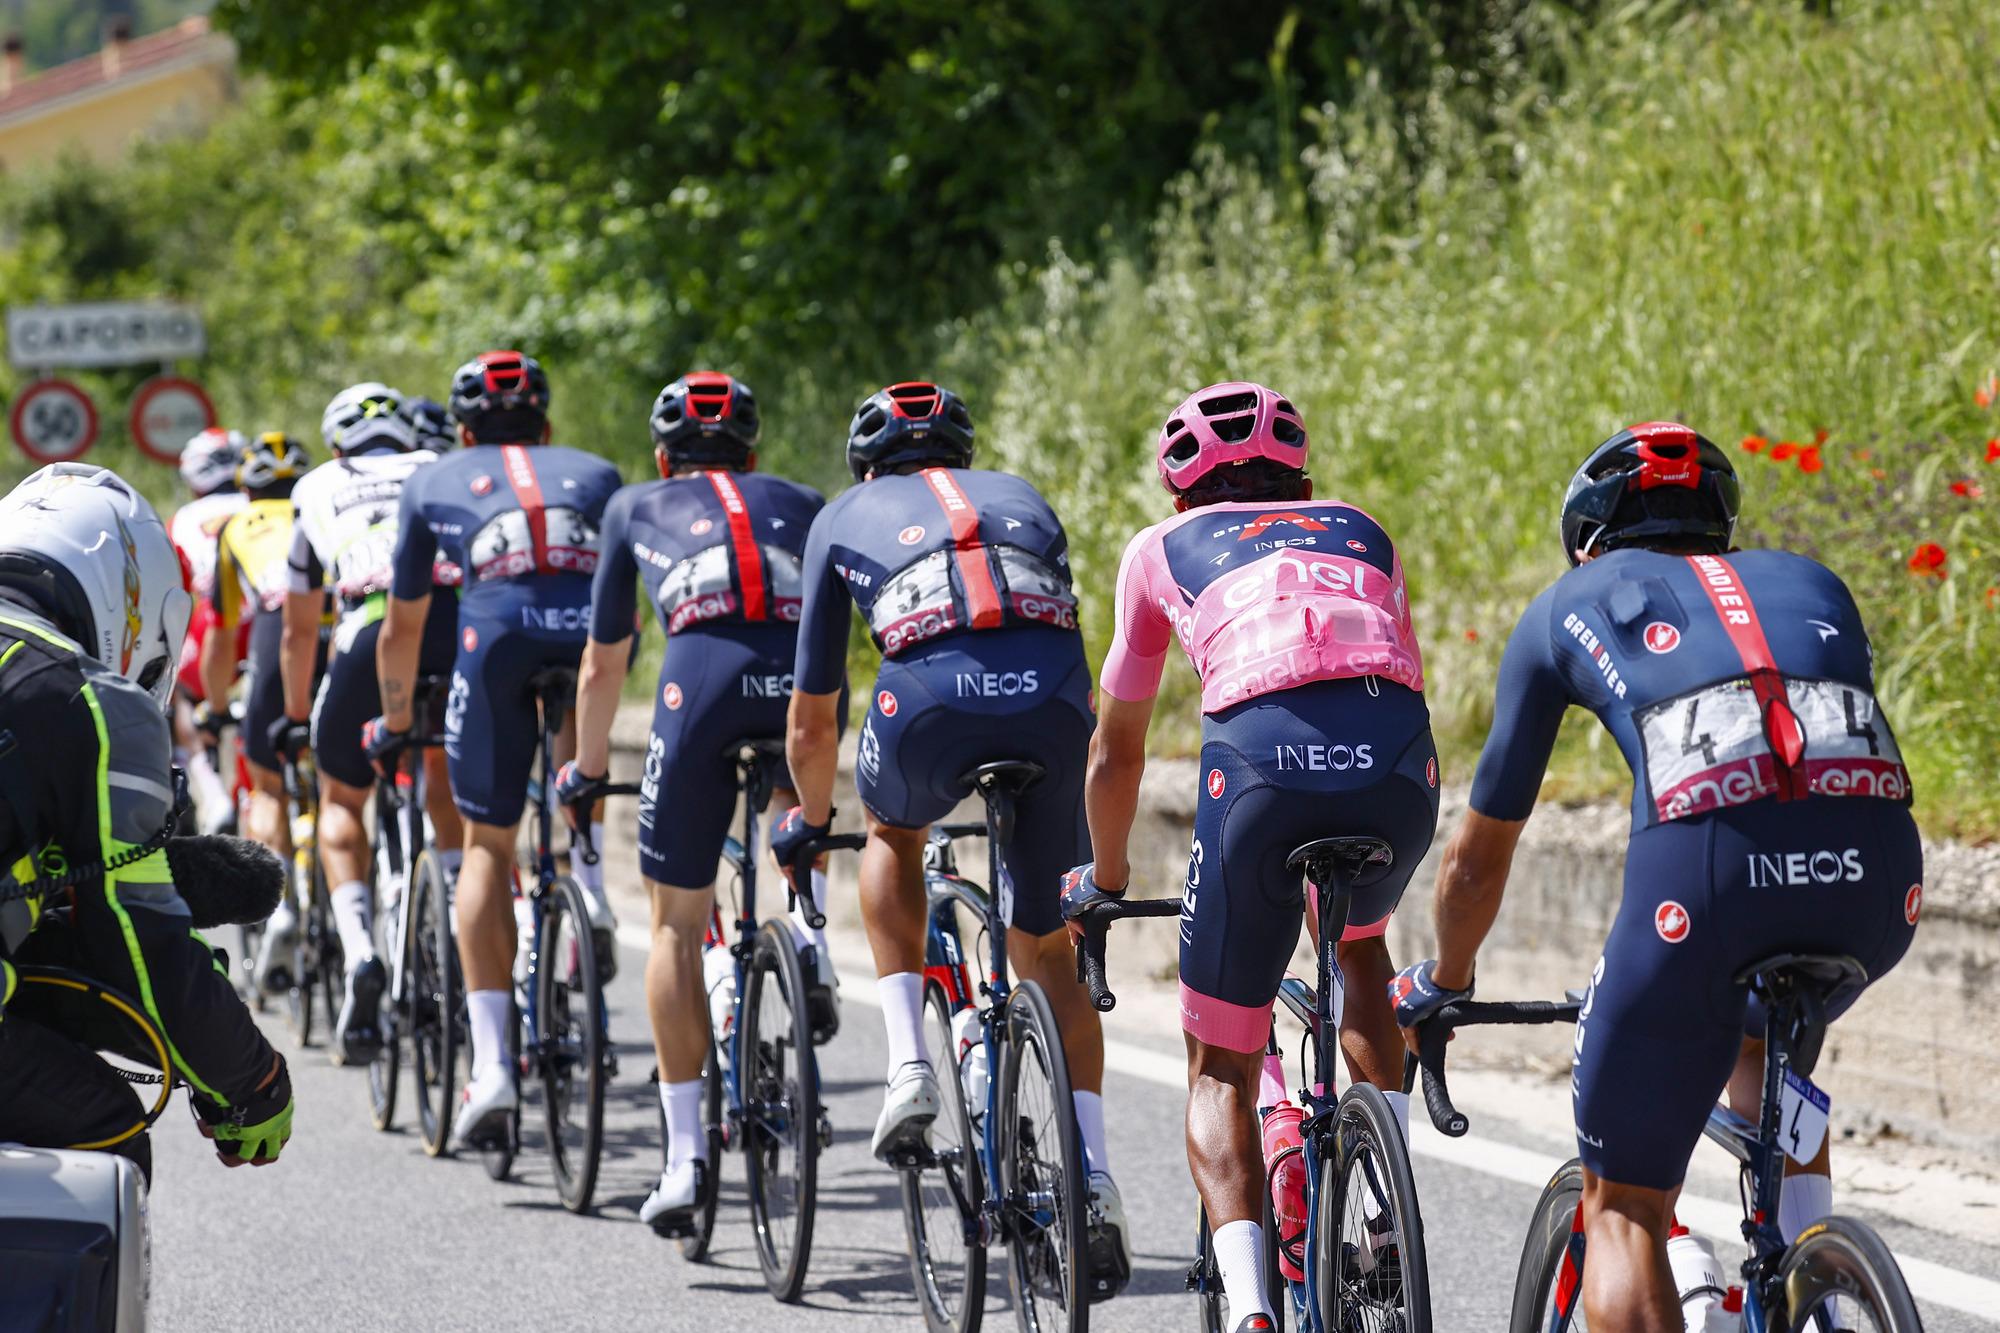 Giro d'Italia 2021 - 104th Edition - 10th stage L'Aquila - Foligno 130 km - 17/05/2021 - Ineos Grenadiers - photo Luca Bettini/BettiniPhoto©2021